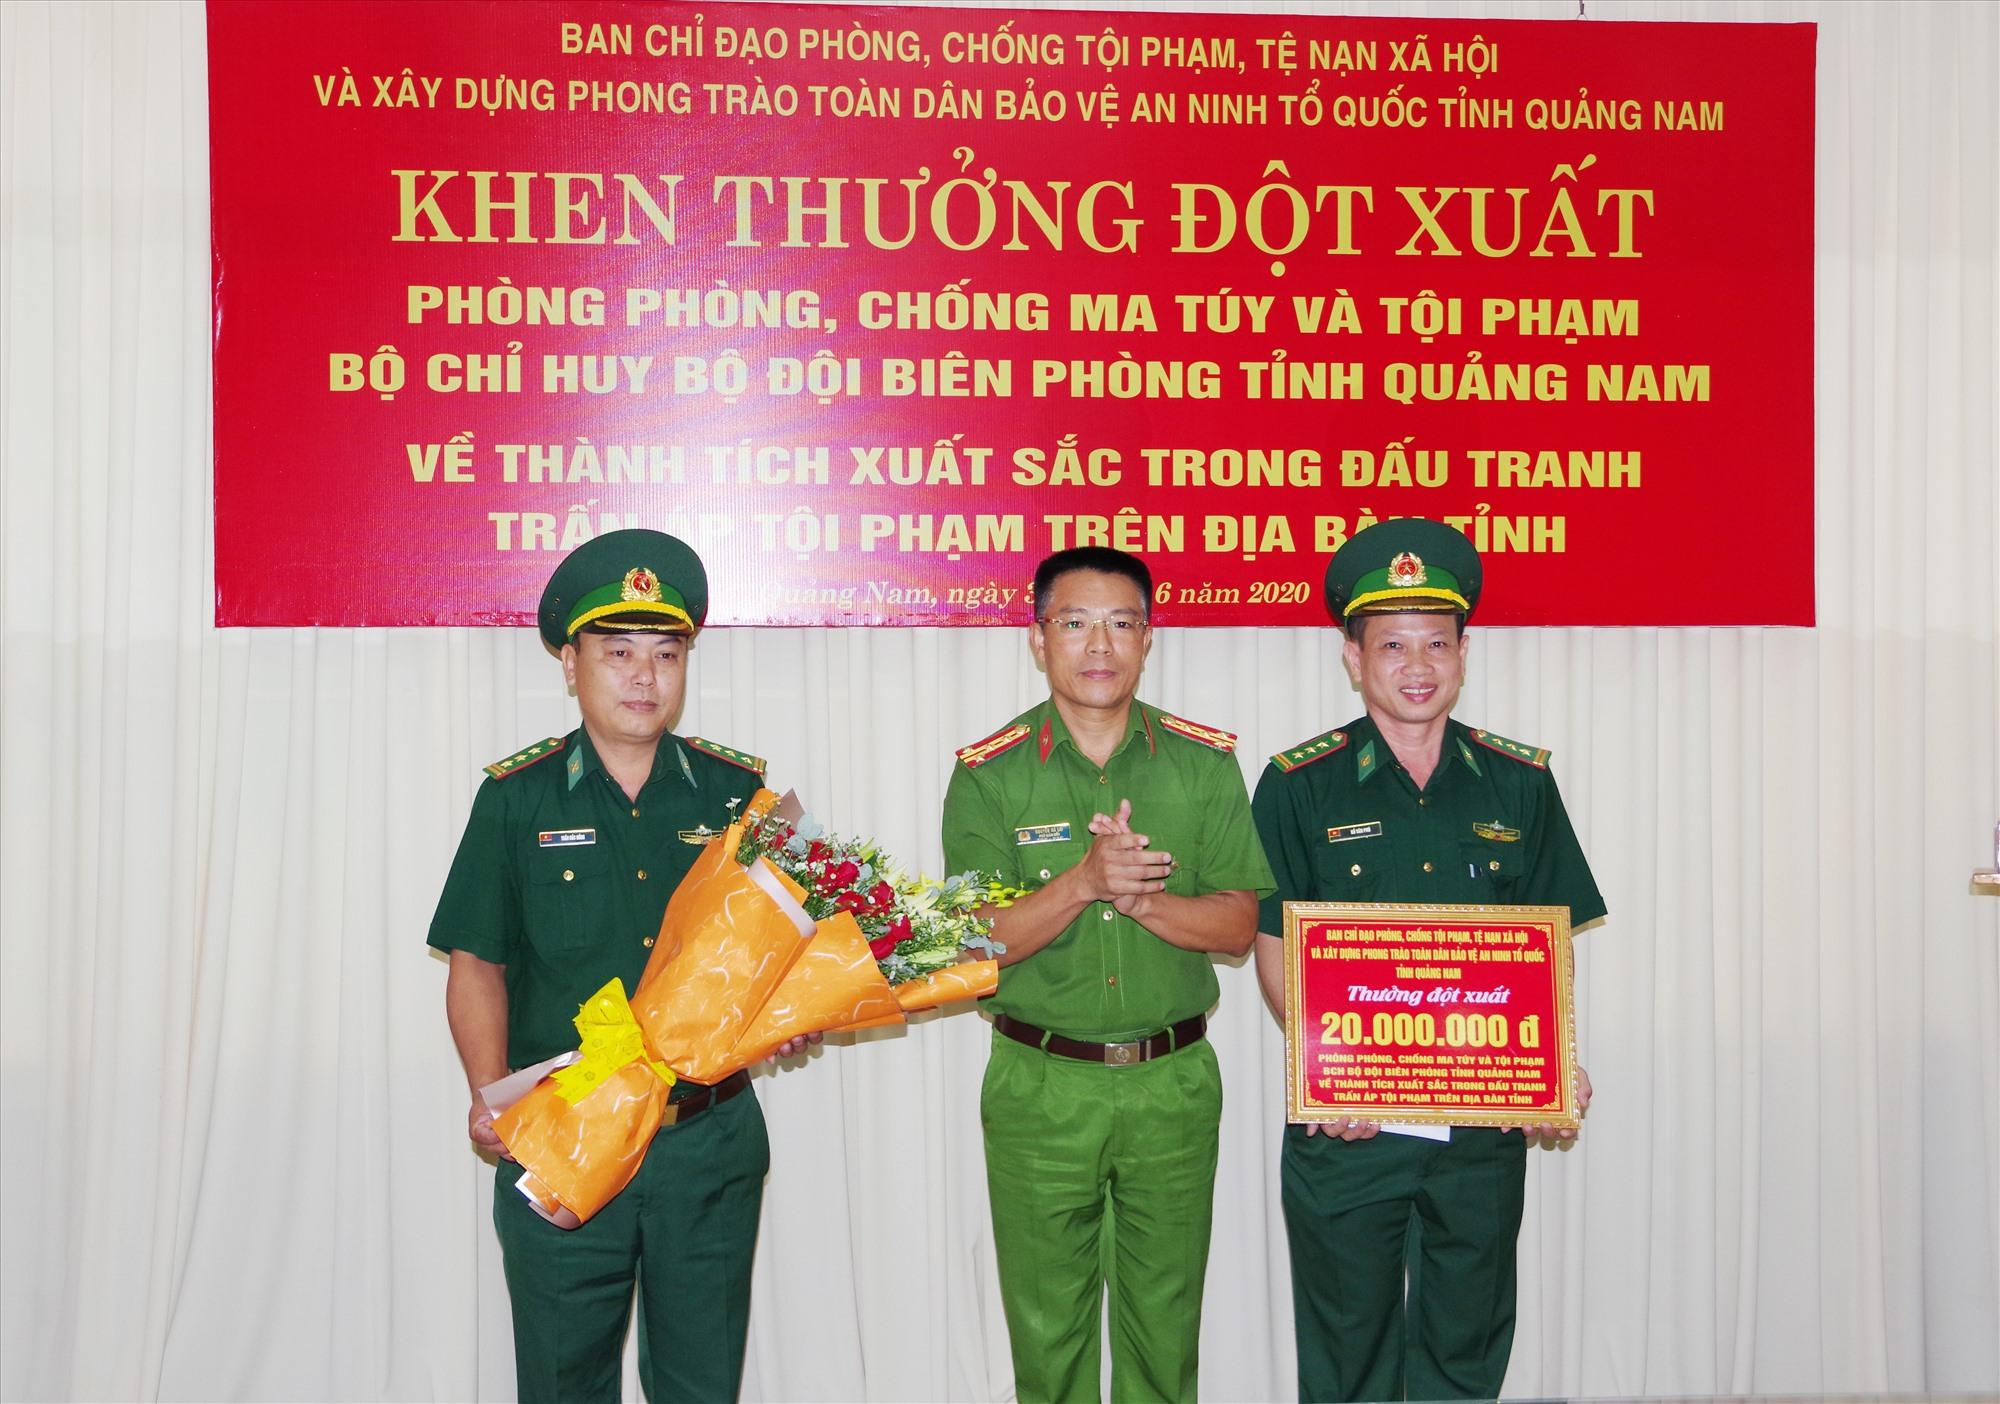 Đại tá Nguyễn Hà Lai, Phó Giám đốc Công an tỉnh, Phó trưởng Ban chỉ đạo 138 tỉnh khen thưởng Phòng  phòng, chống ma túy và tội phạm BĐBP tỉnh. Ảnh: HỒNG ANH